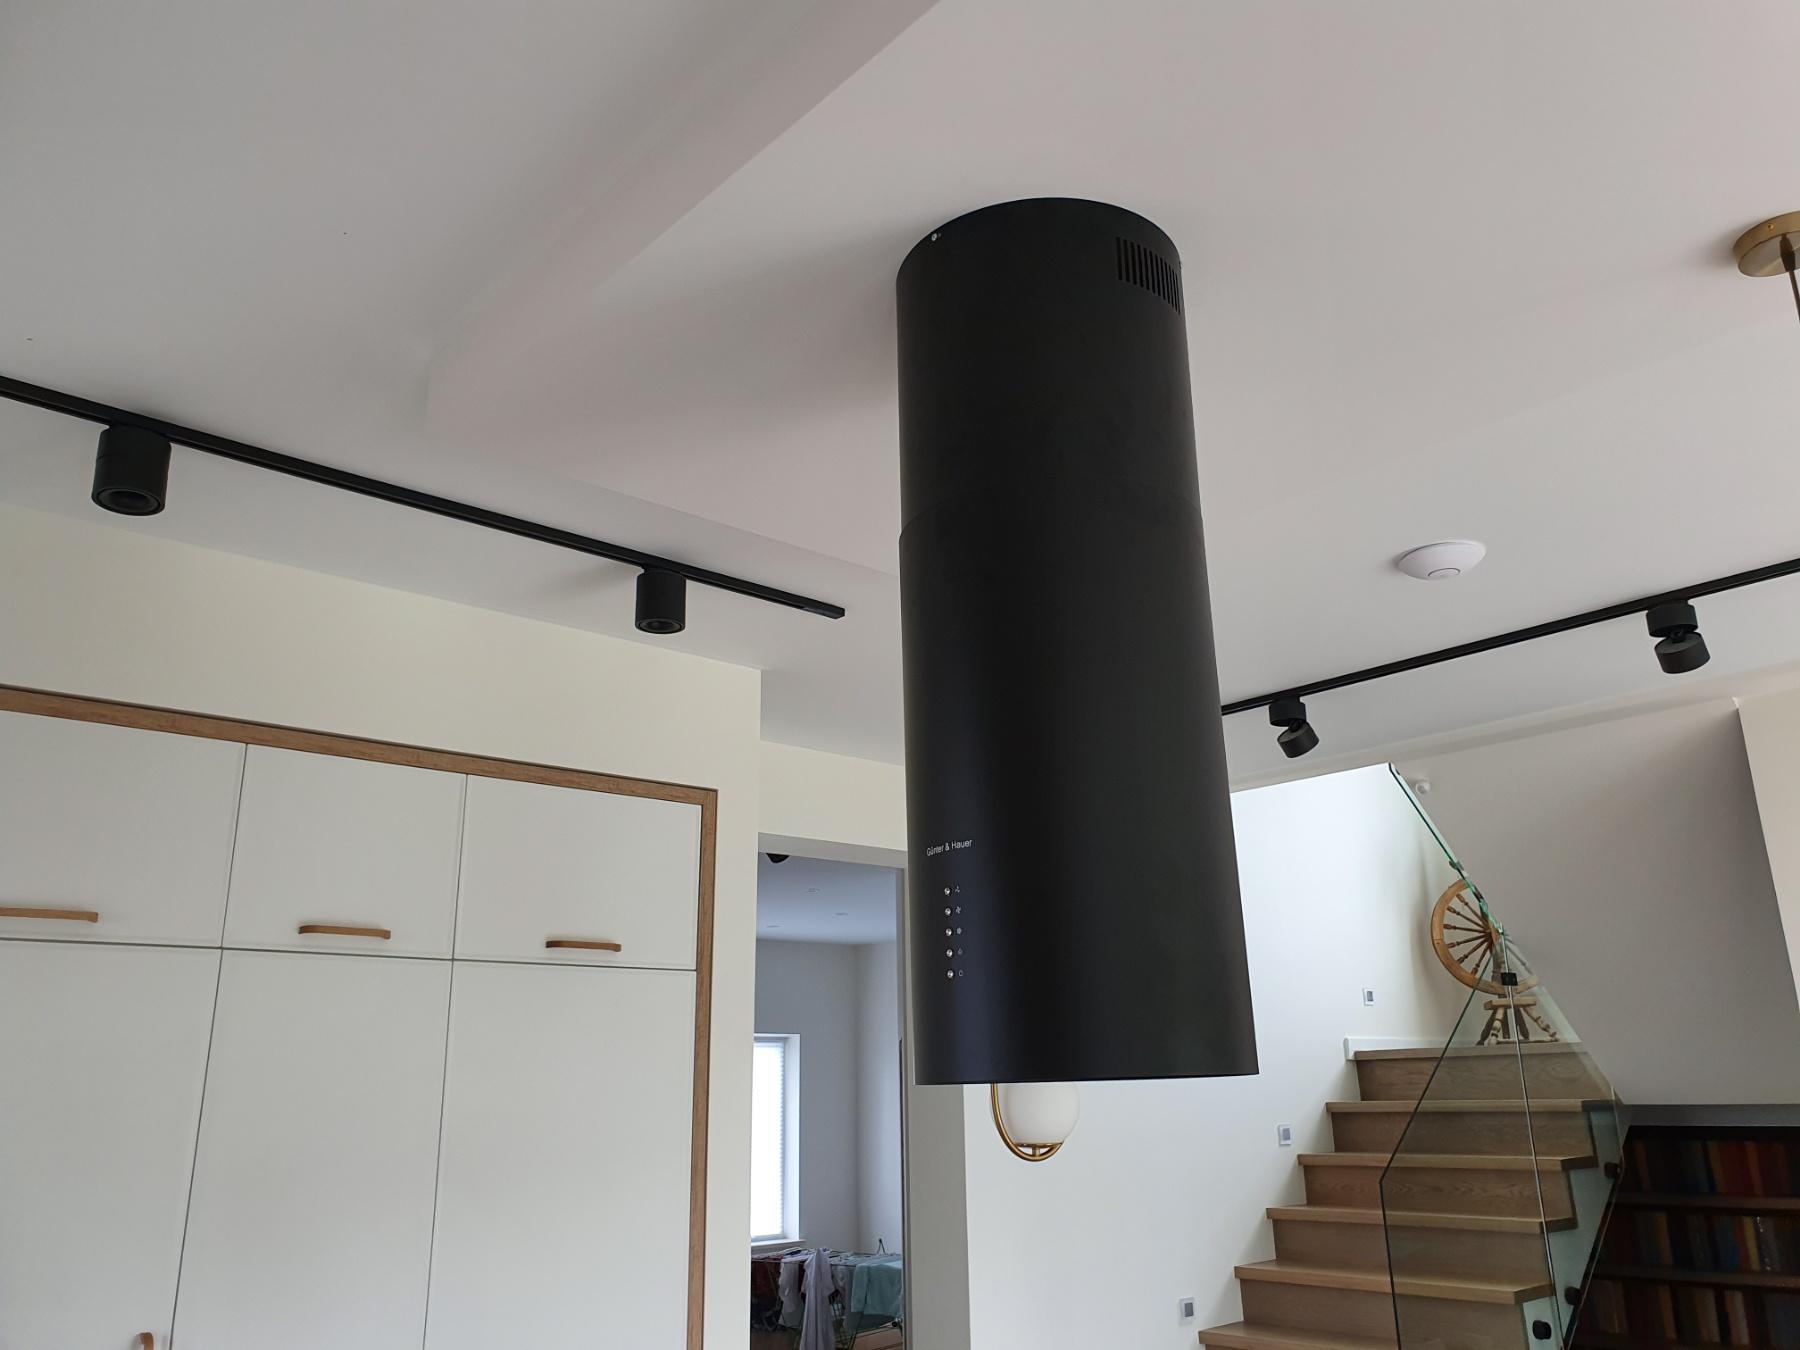 Фото Установка вытяжки на потолок из гибсокартона.